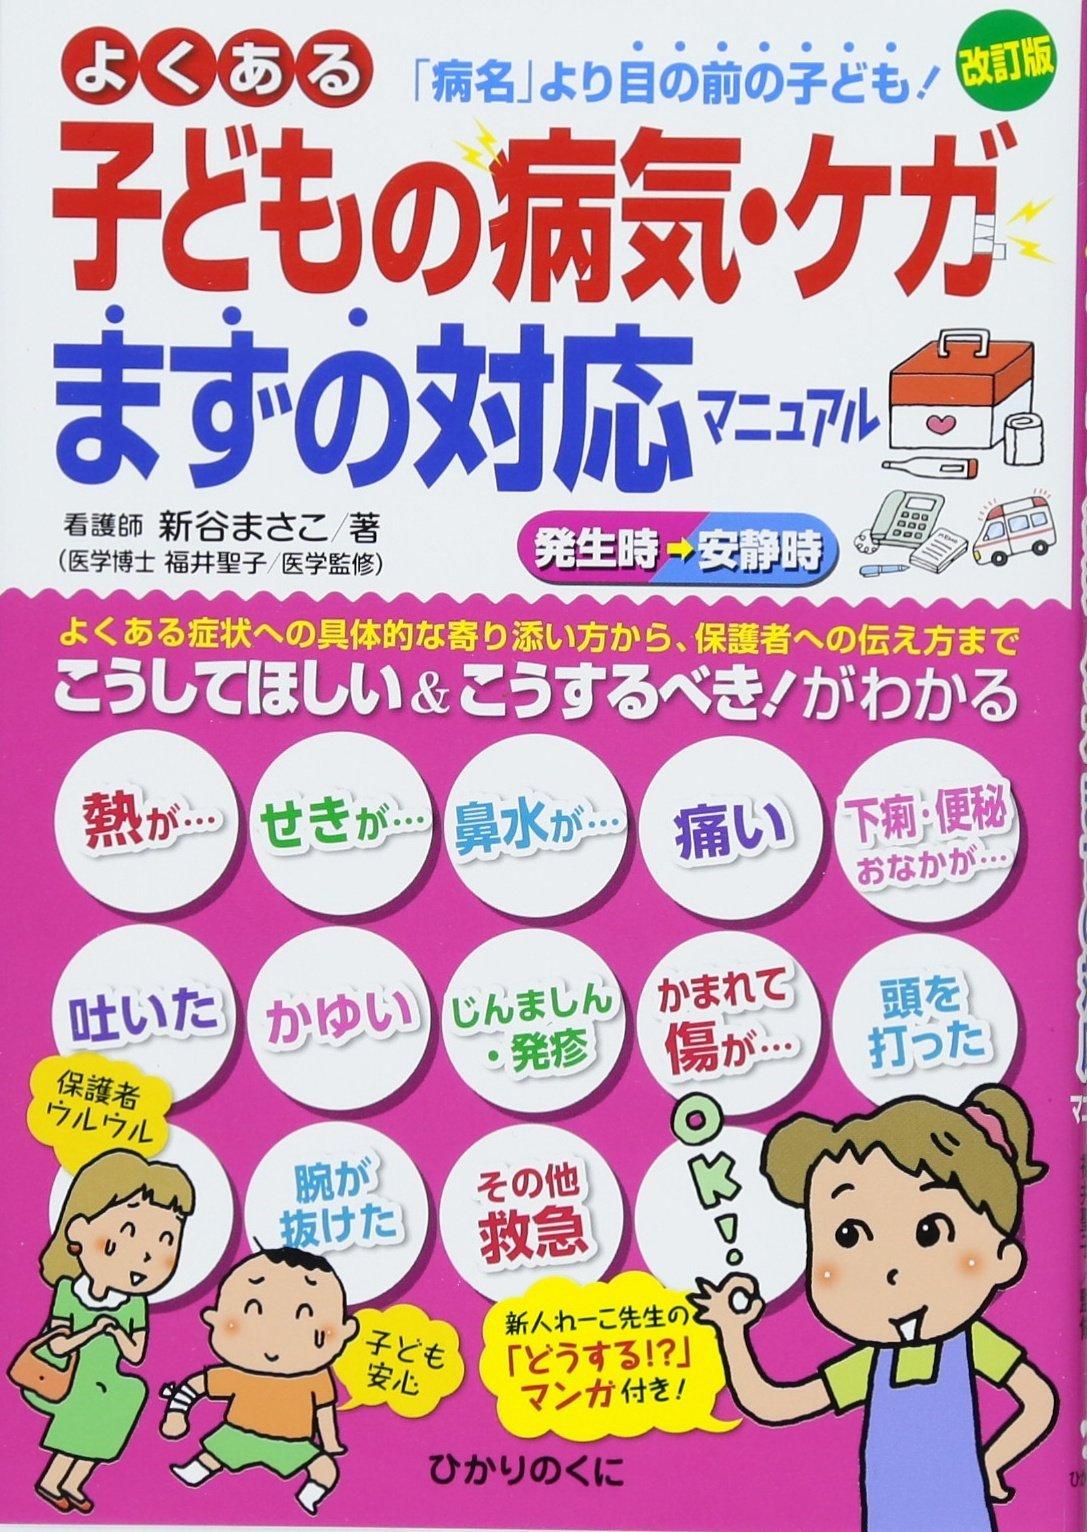 改訂版 よくある子どもの病気・ケガまずの対応マニュアル | 聖子, 福井 ...